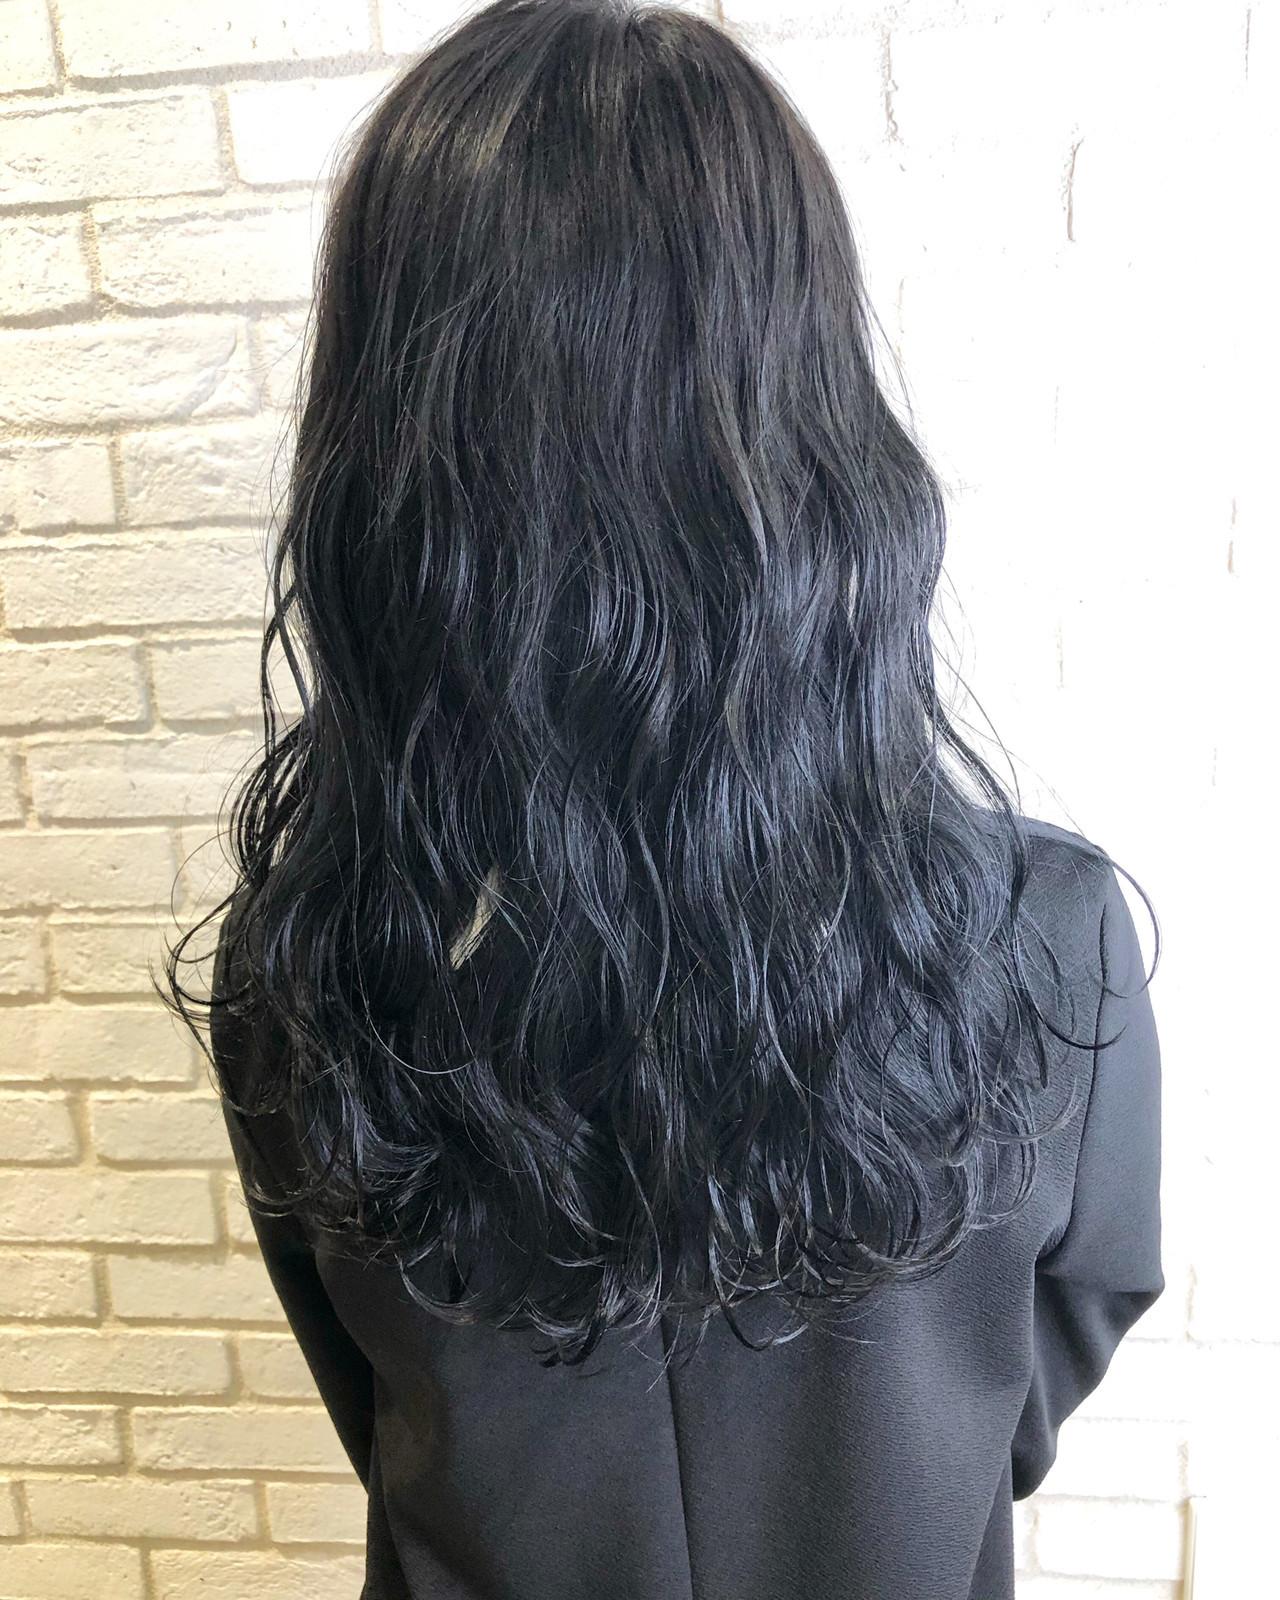 暗髪女子 セミロング アディクシーカラー 暗髪 ヘアスタイルや髪型の写真・画像